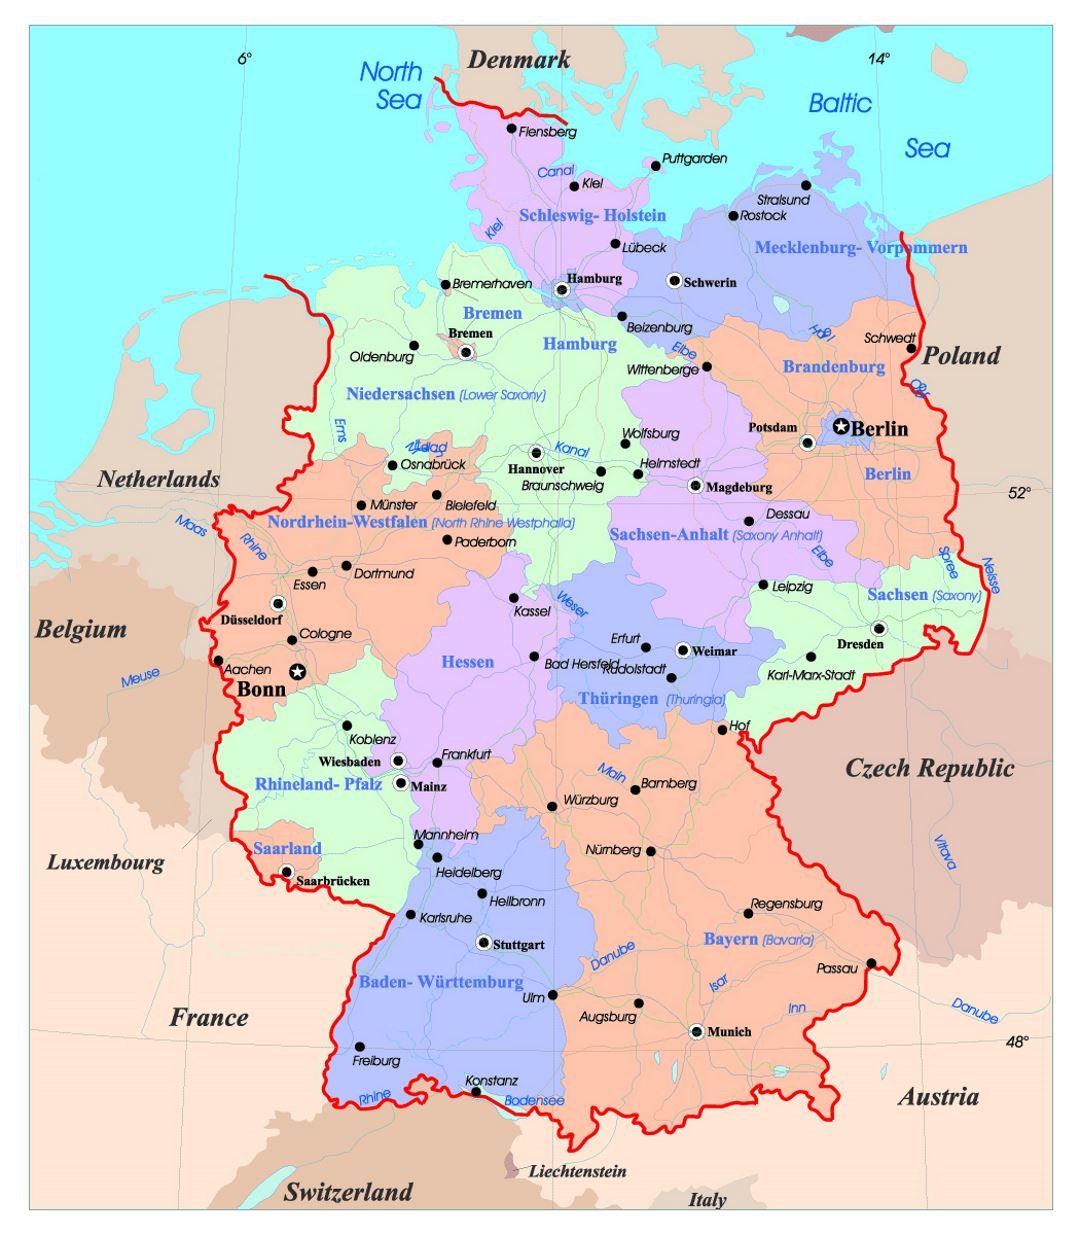 Mapa De Alemania Ciudades.Mapa Administrativo Detallado De Alemania Con Las